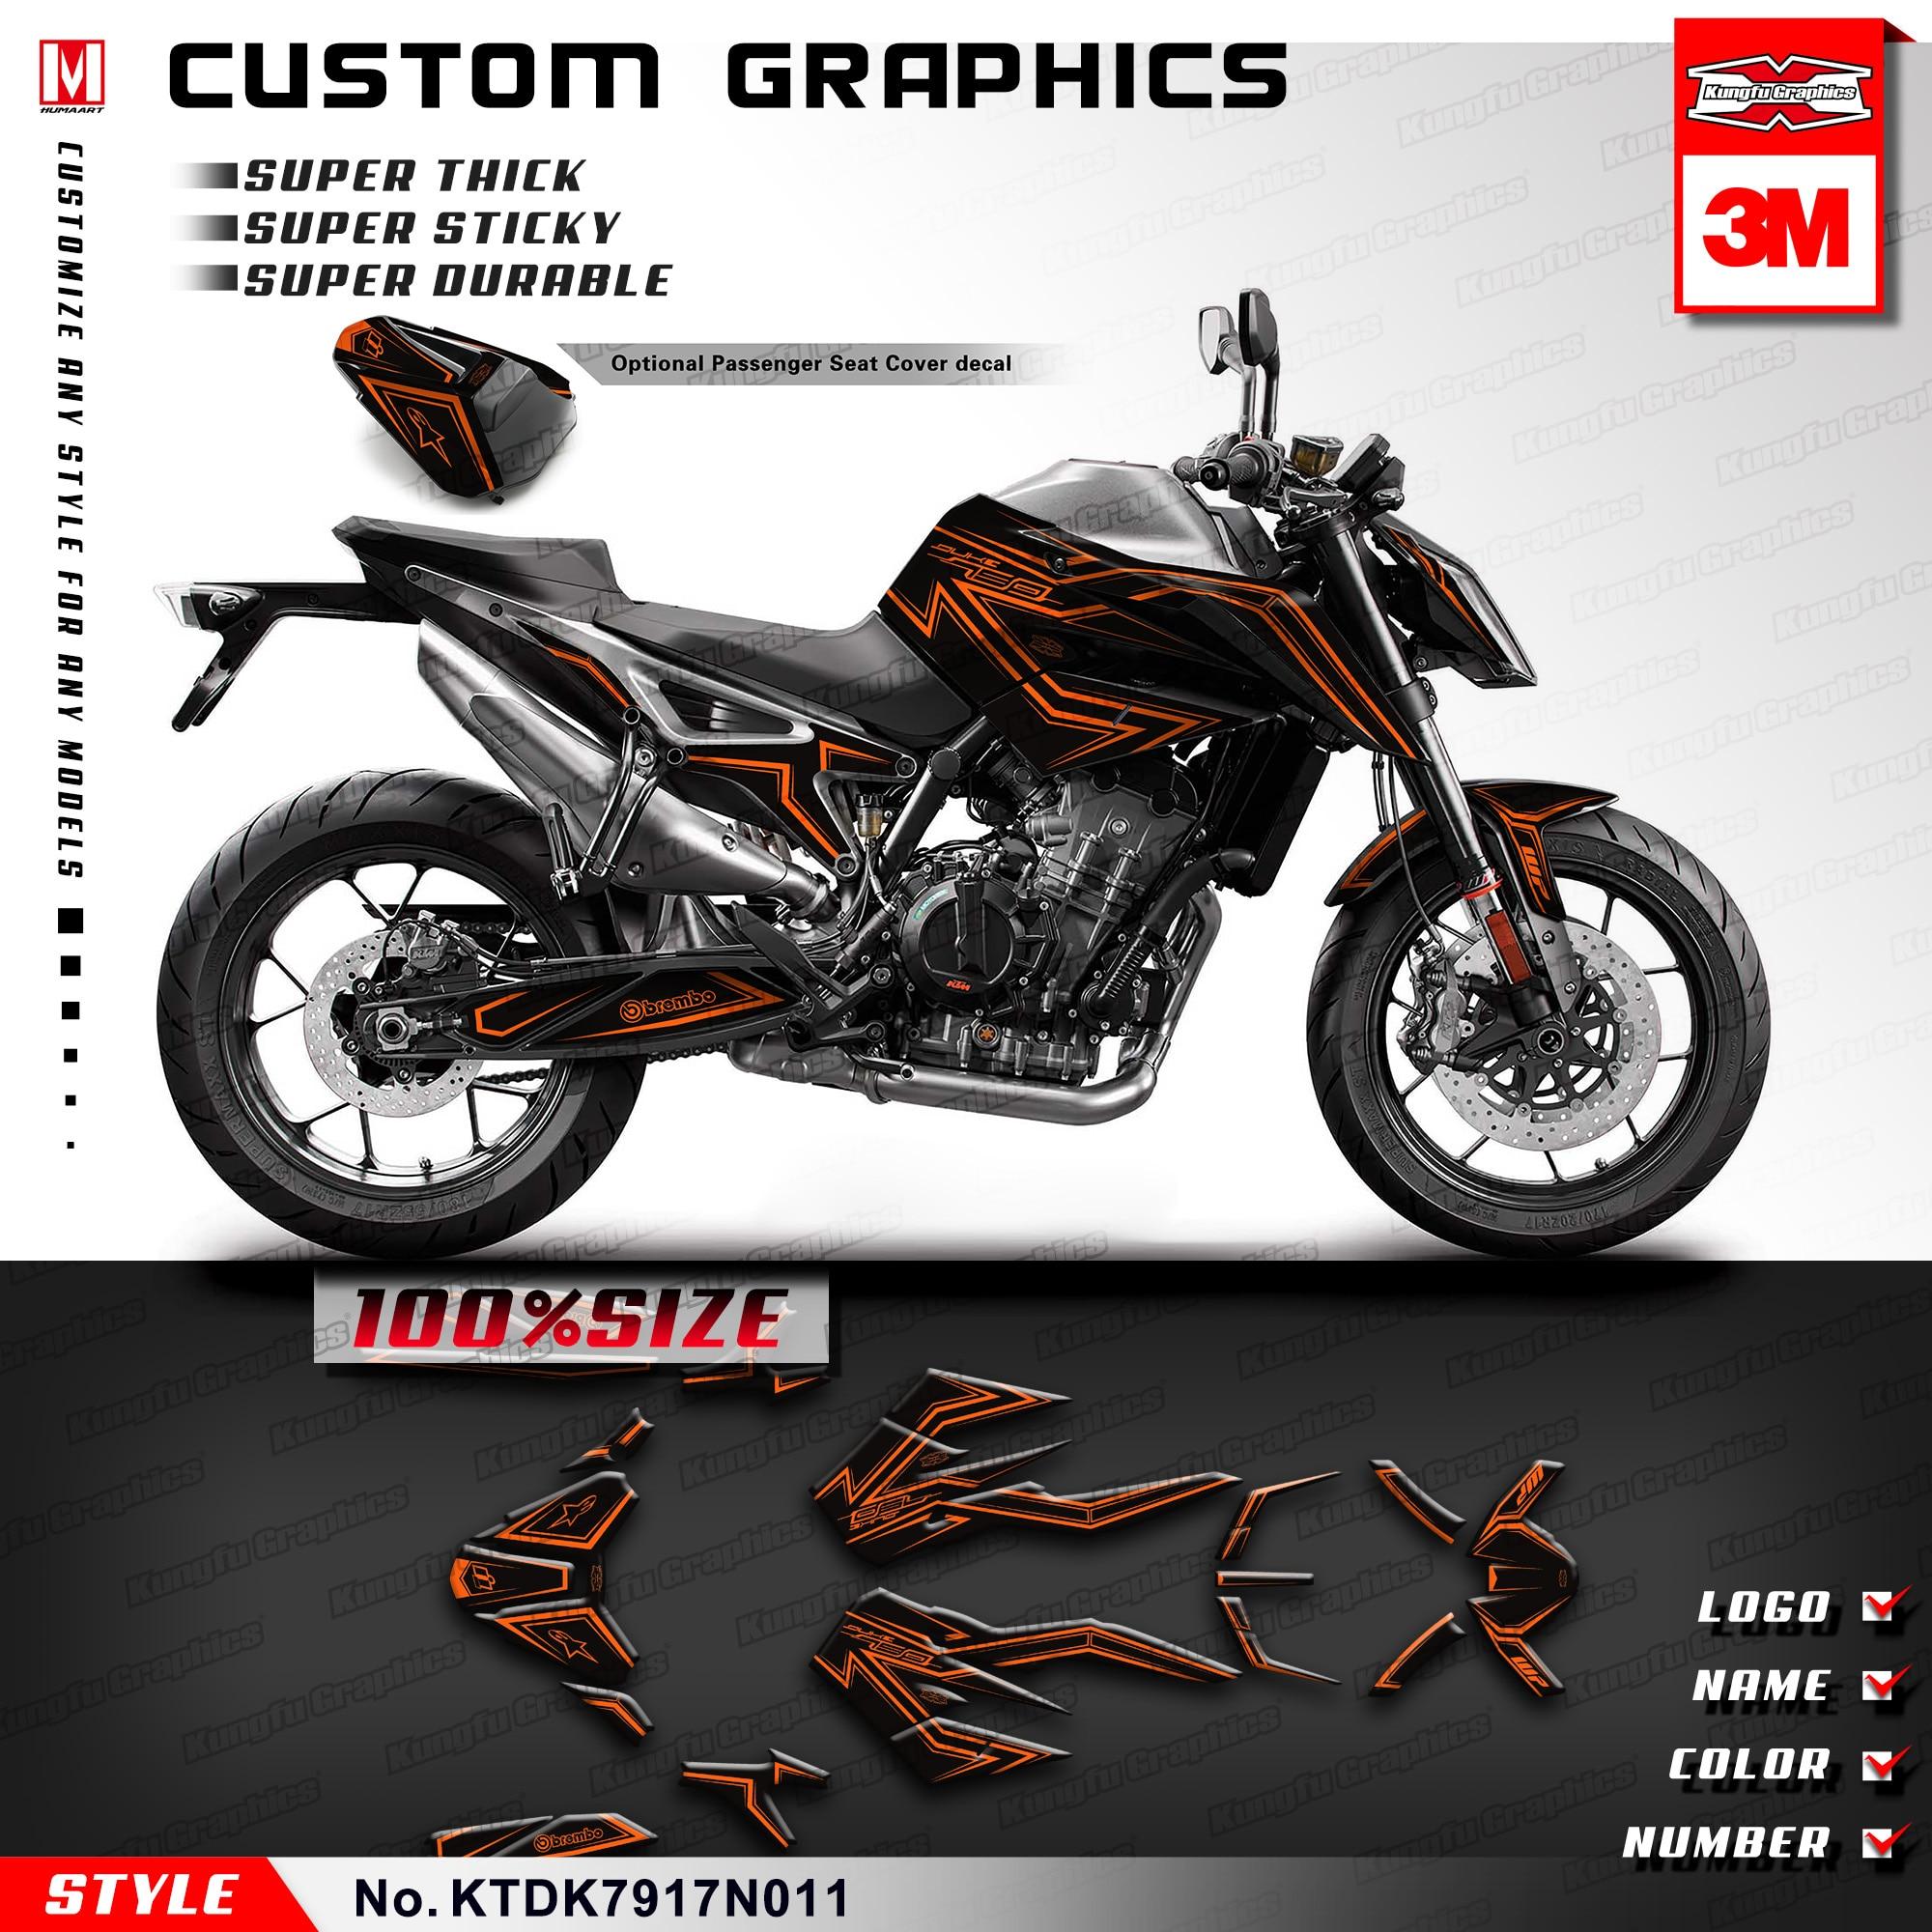 KUNGFU GRAPHICS Motorrad Sticker Set PVC Vinyl Custom Decal Black Orange for KTM DUKE 790 2017